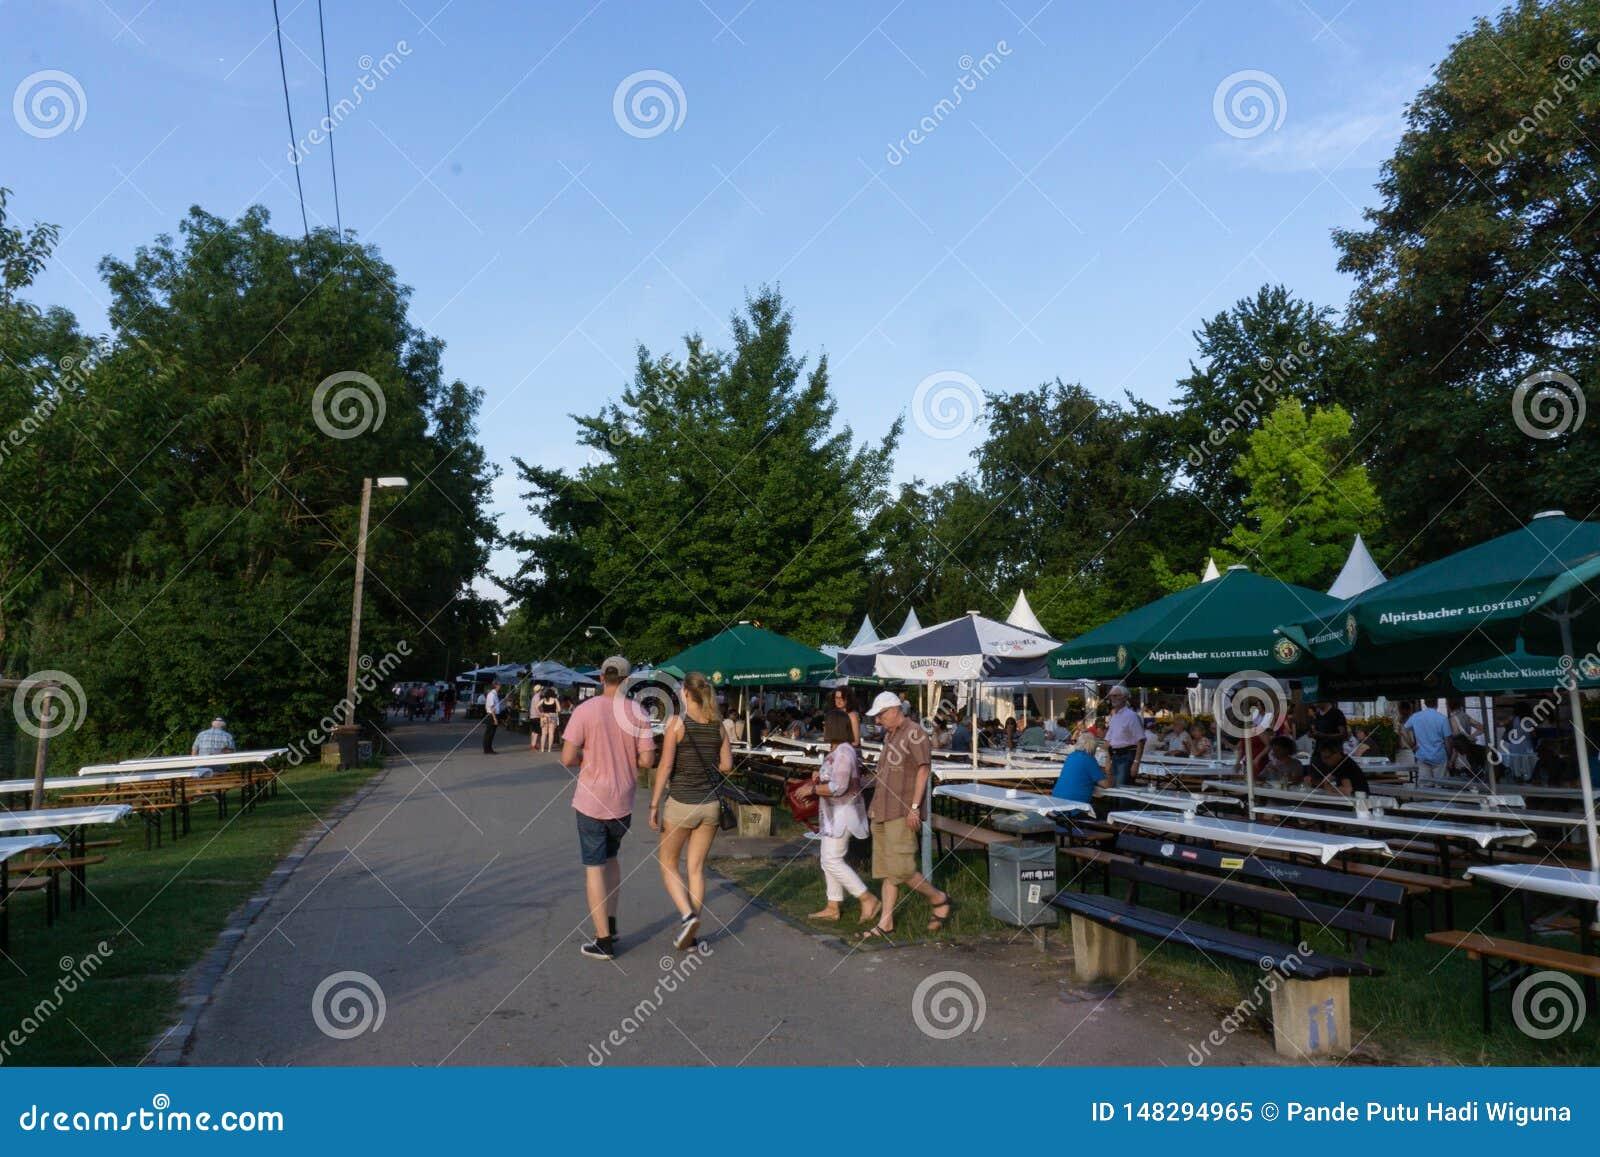 TUBINGEN/GERMANY: 31 JULI 2018: Een natuurlijke voetganger rond de stad van T?bingen terwijl een voedselfestival en banken aan de